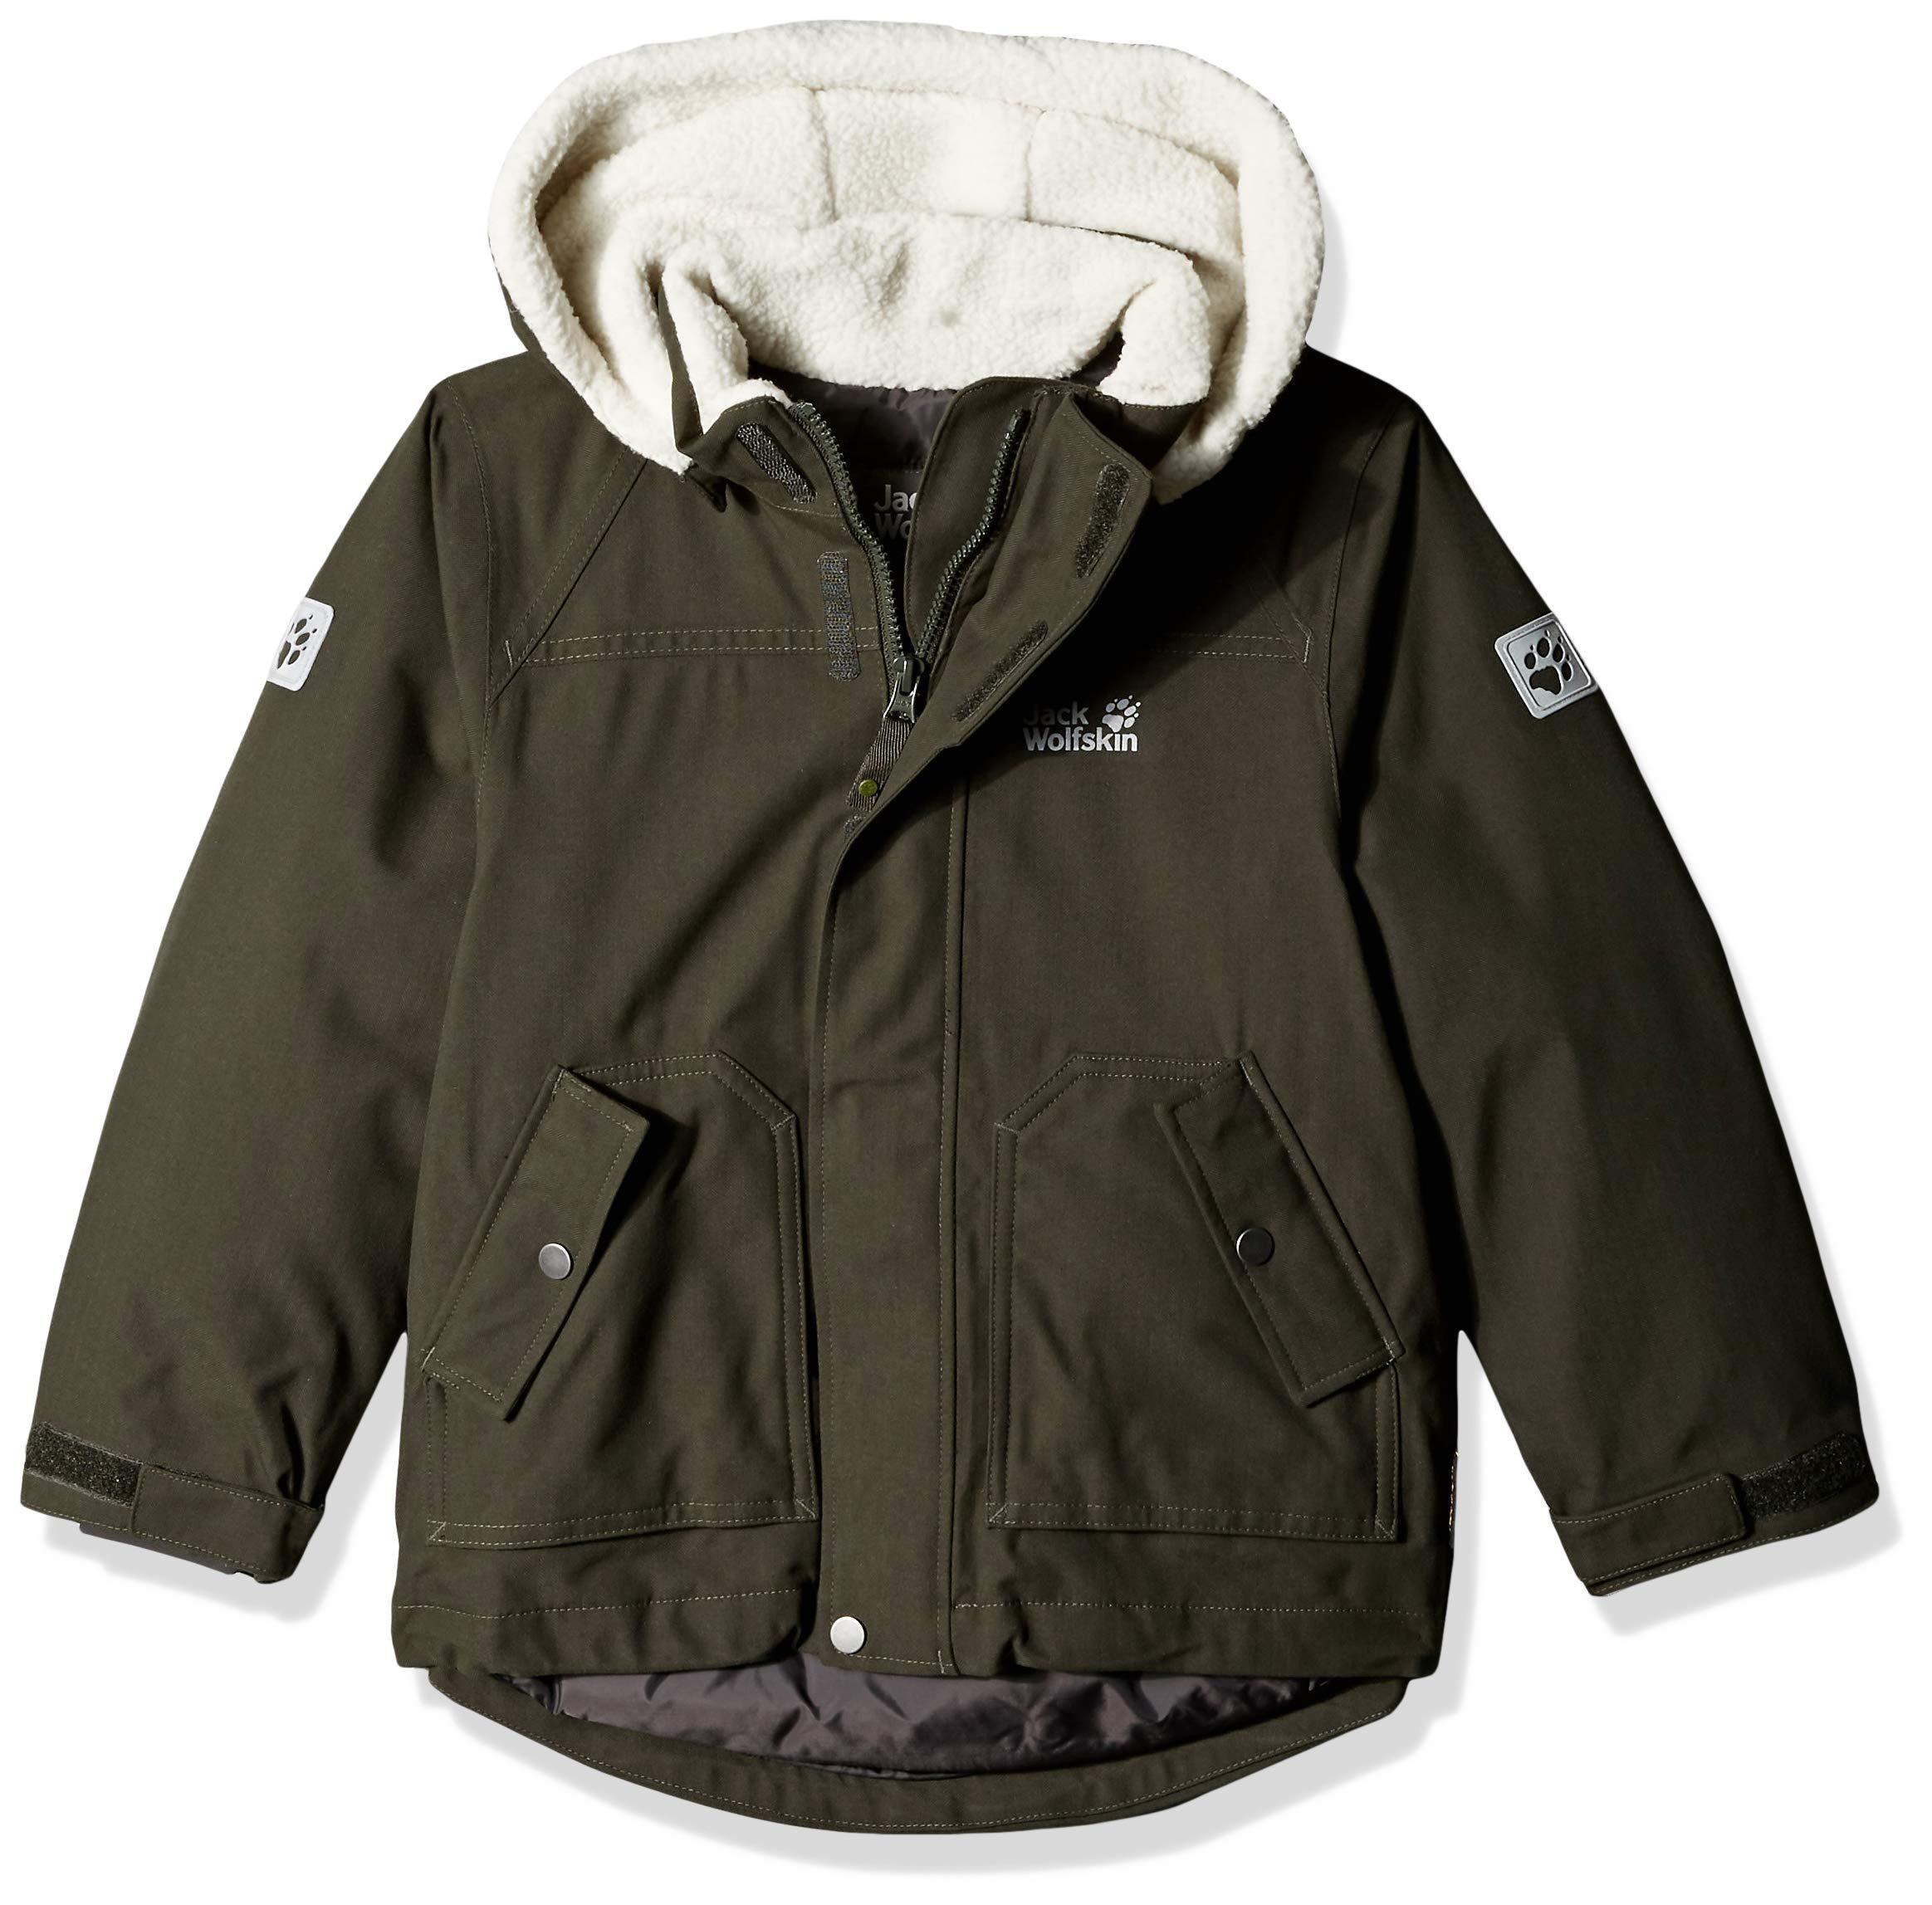 Jack Wolfskin Boy's Great Bear Waterproof Sherpa Insulated Jacket, Malachite, Size152(11-12)